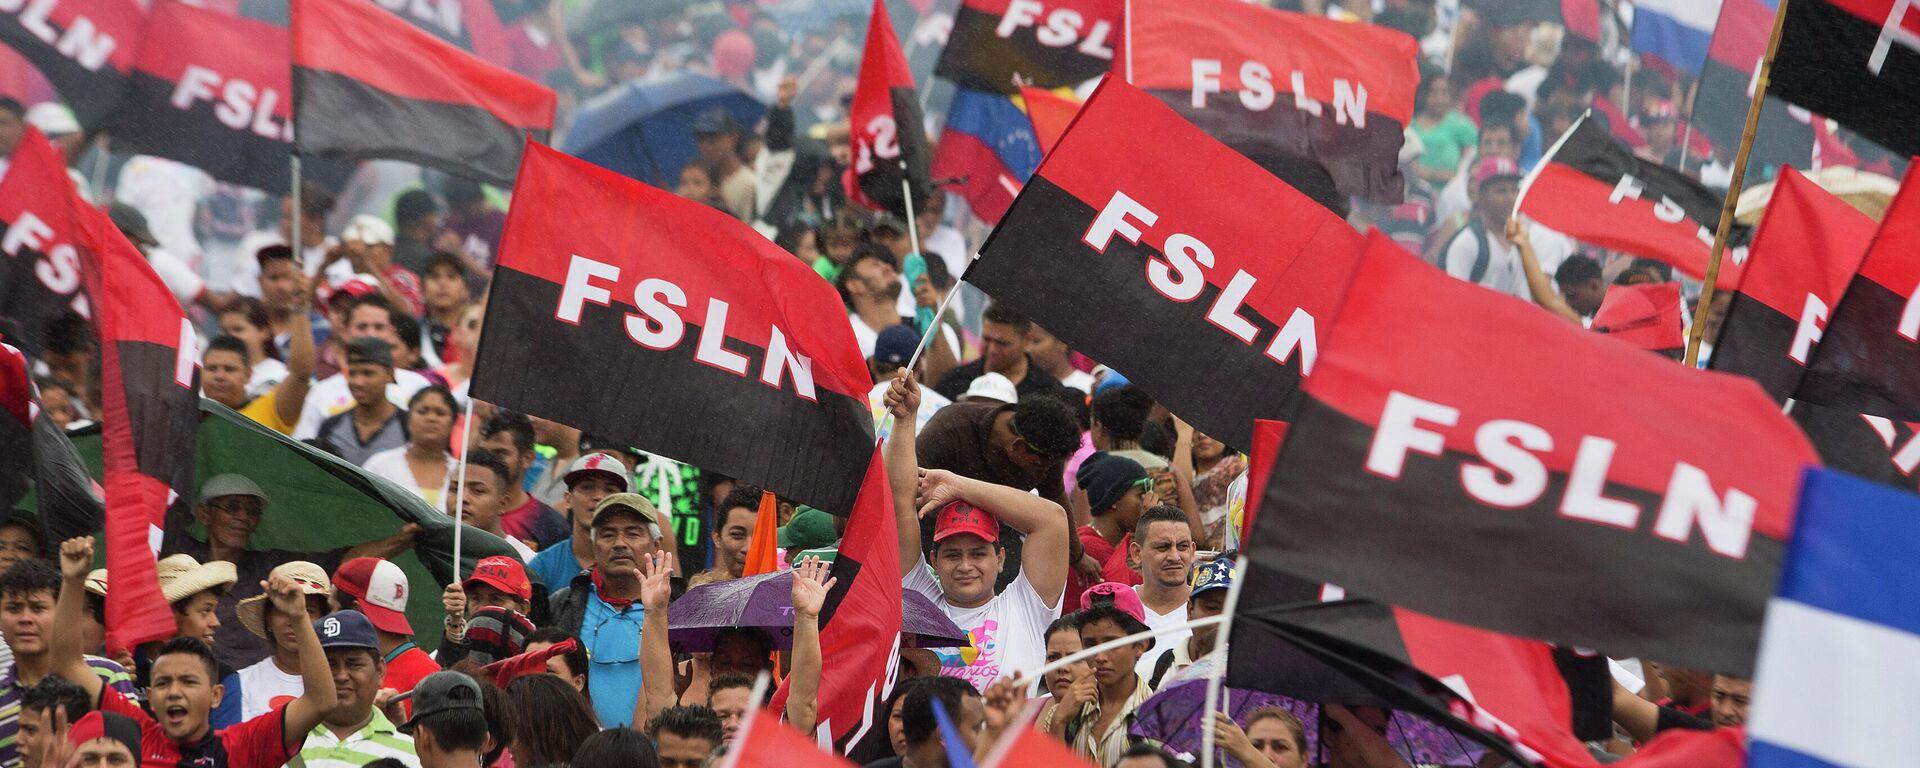 Partidarios del Frente Sandinista de Liberación Nacional (FSLN) - Sputnik Mundo, 1920, 03.08.2021